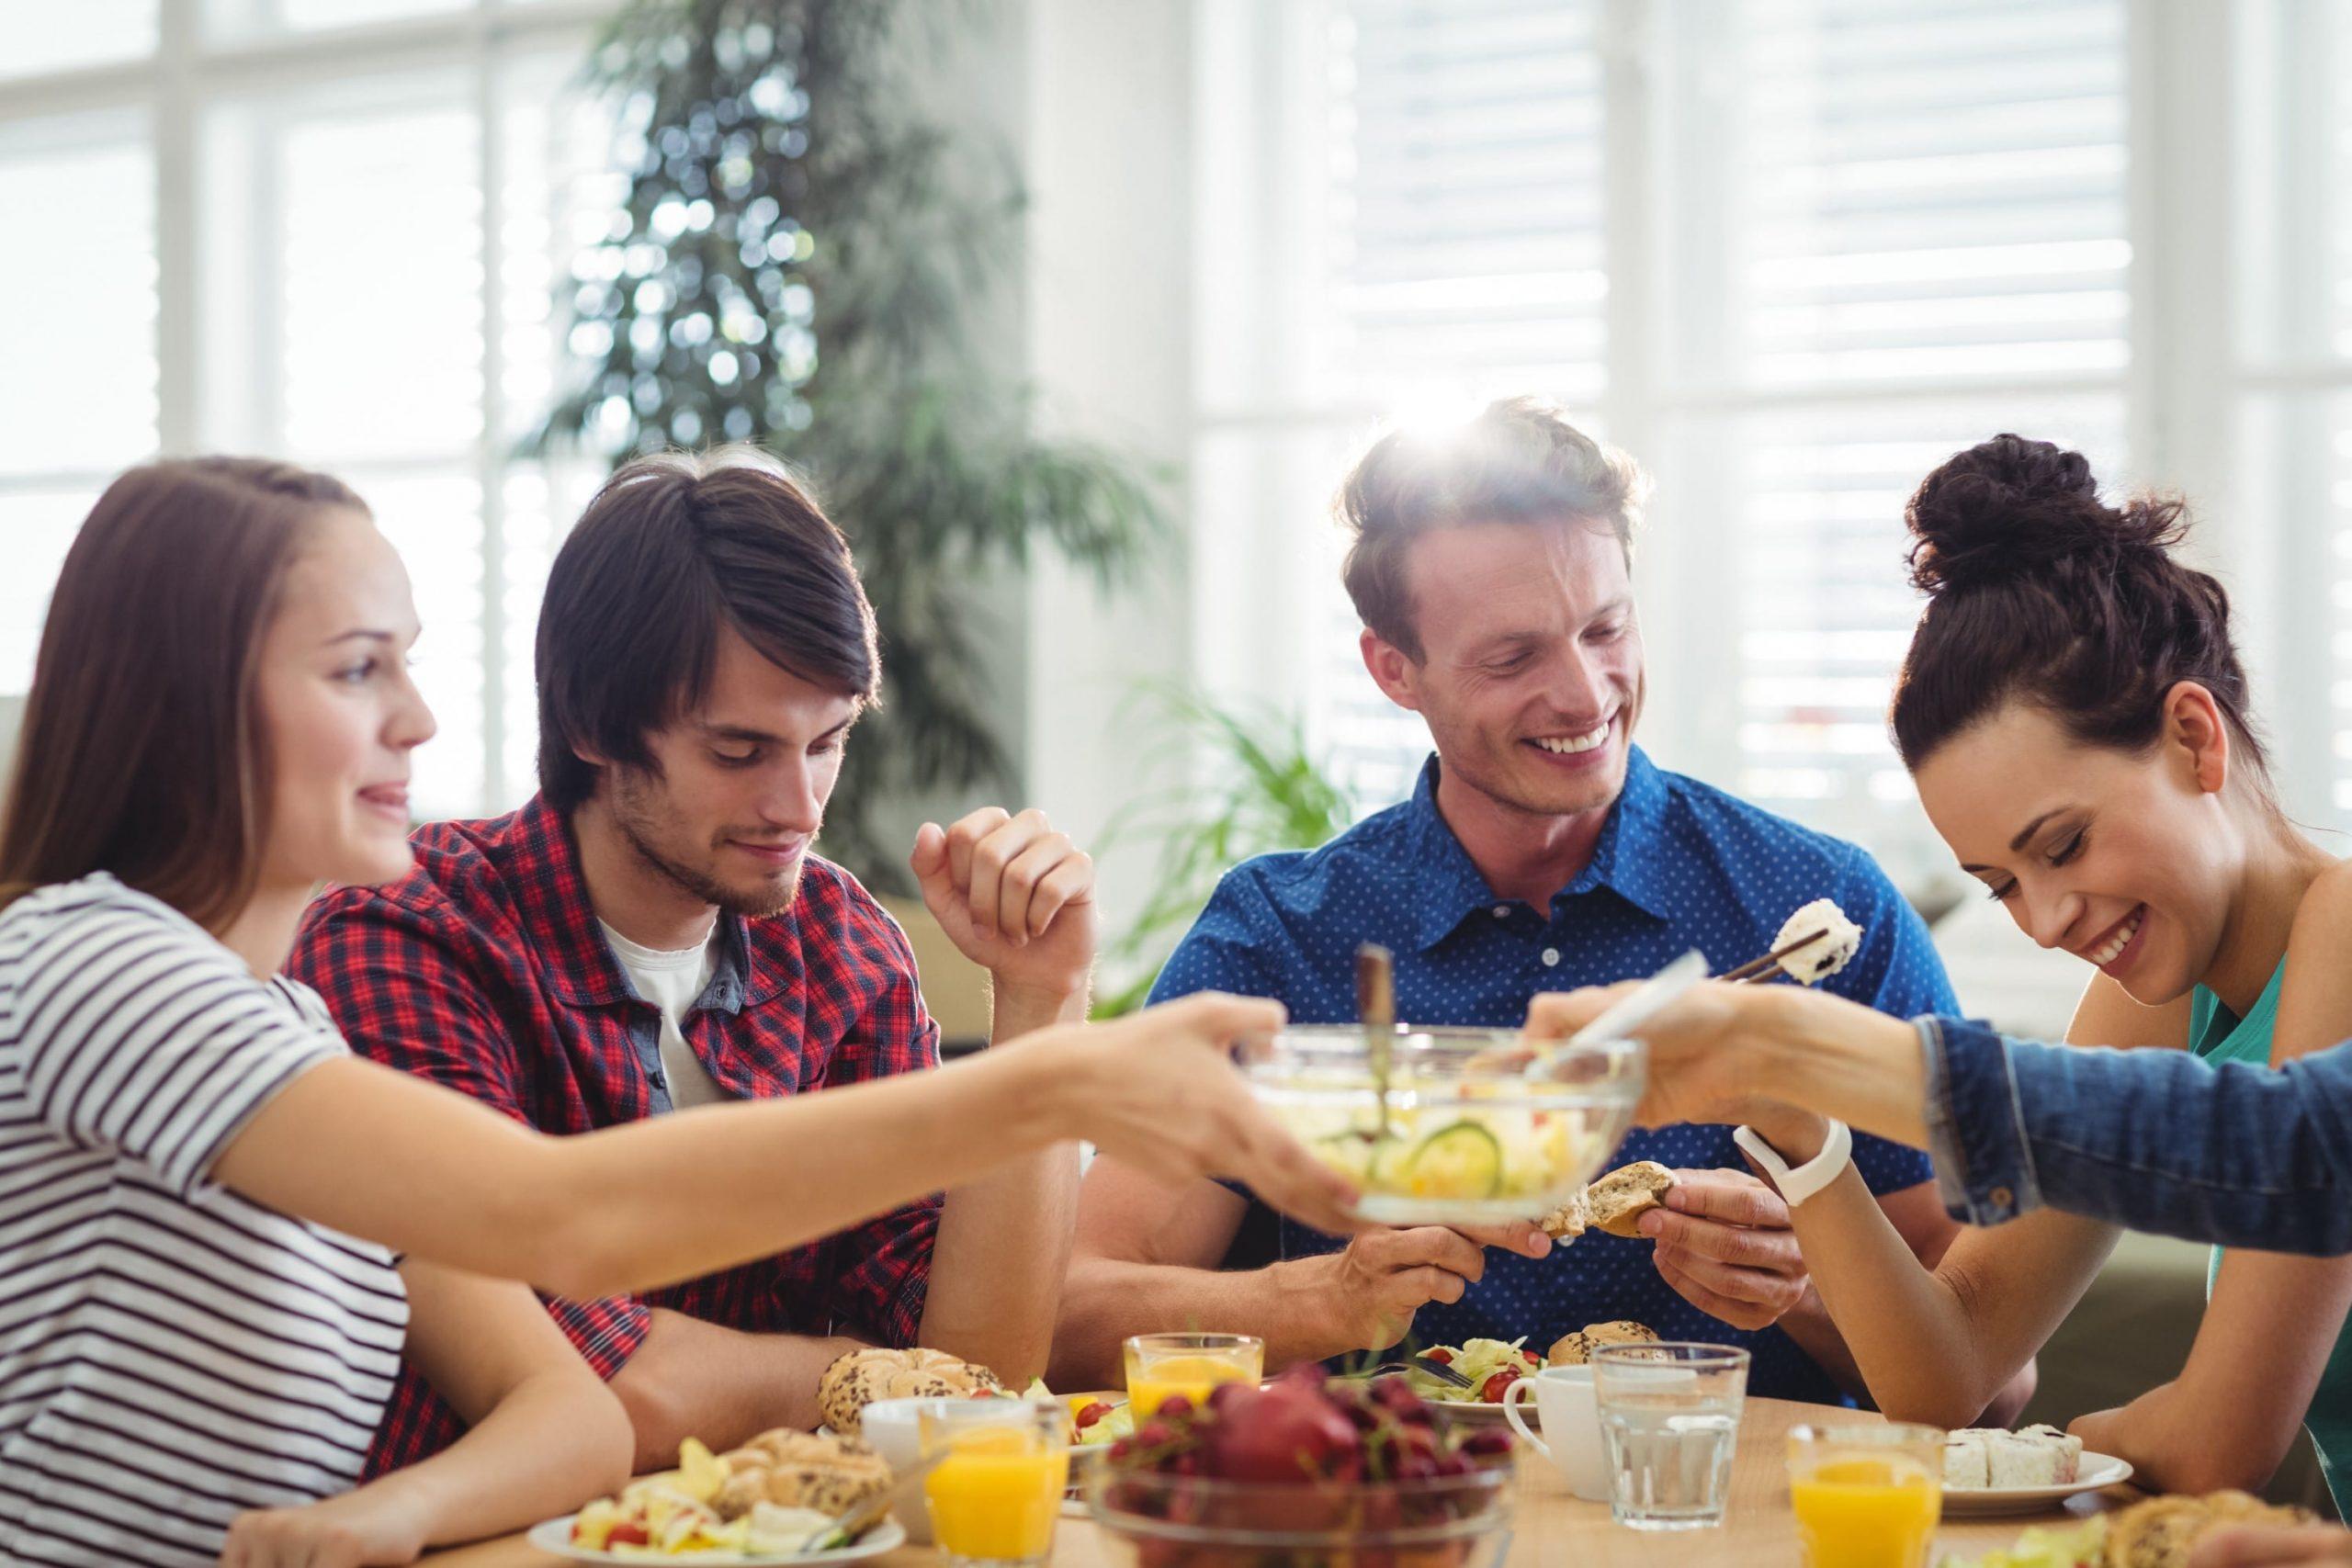 אנשים אוכלים סביב שולחן